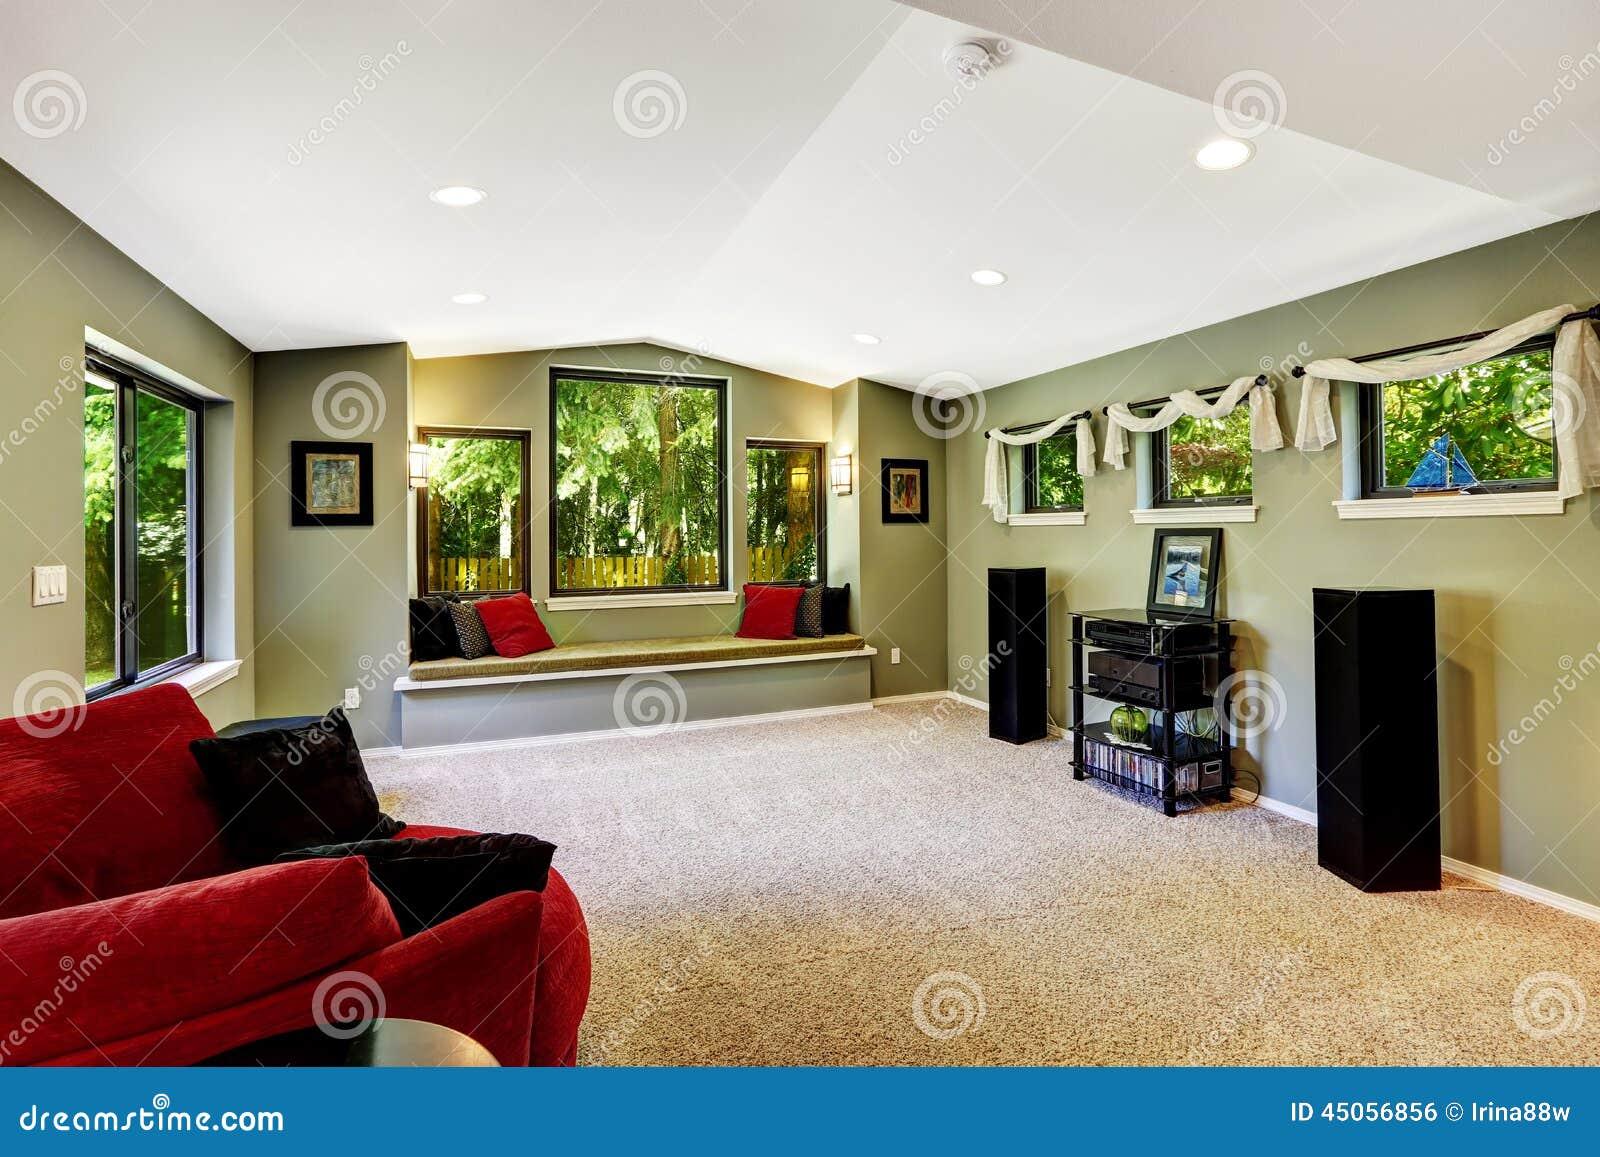 Wohnzimmer In Der Grünen Farbe Mit Sitzender Bank Stockfoto - Bild ...